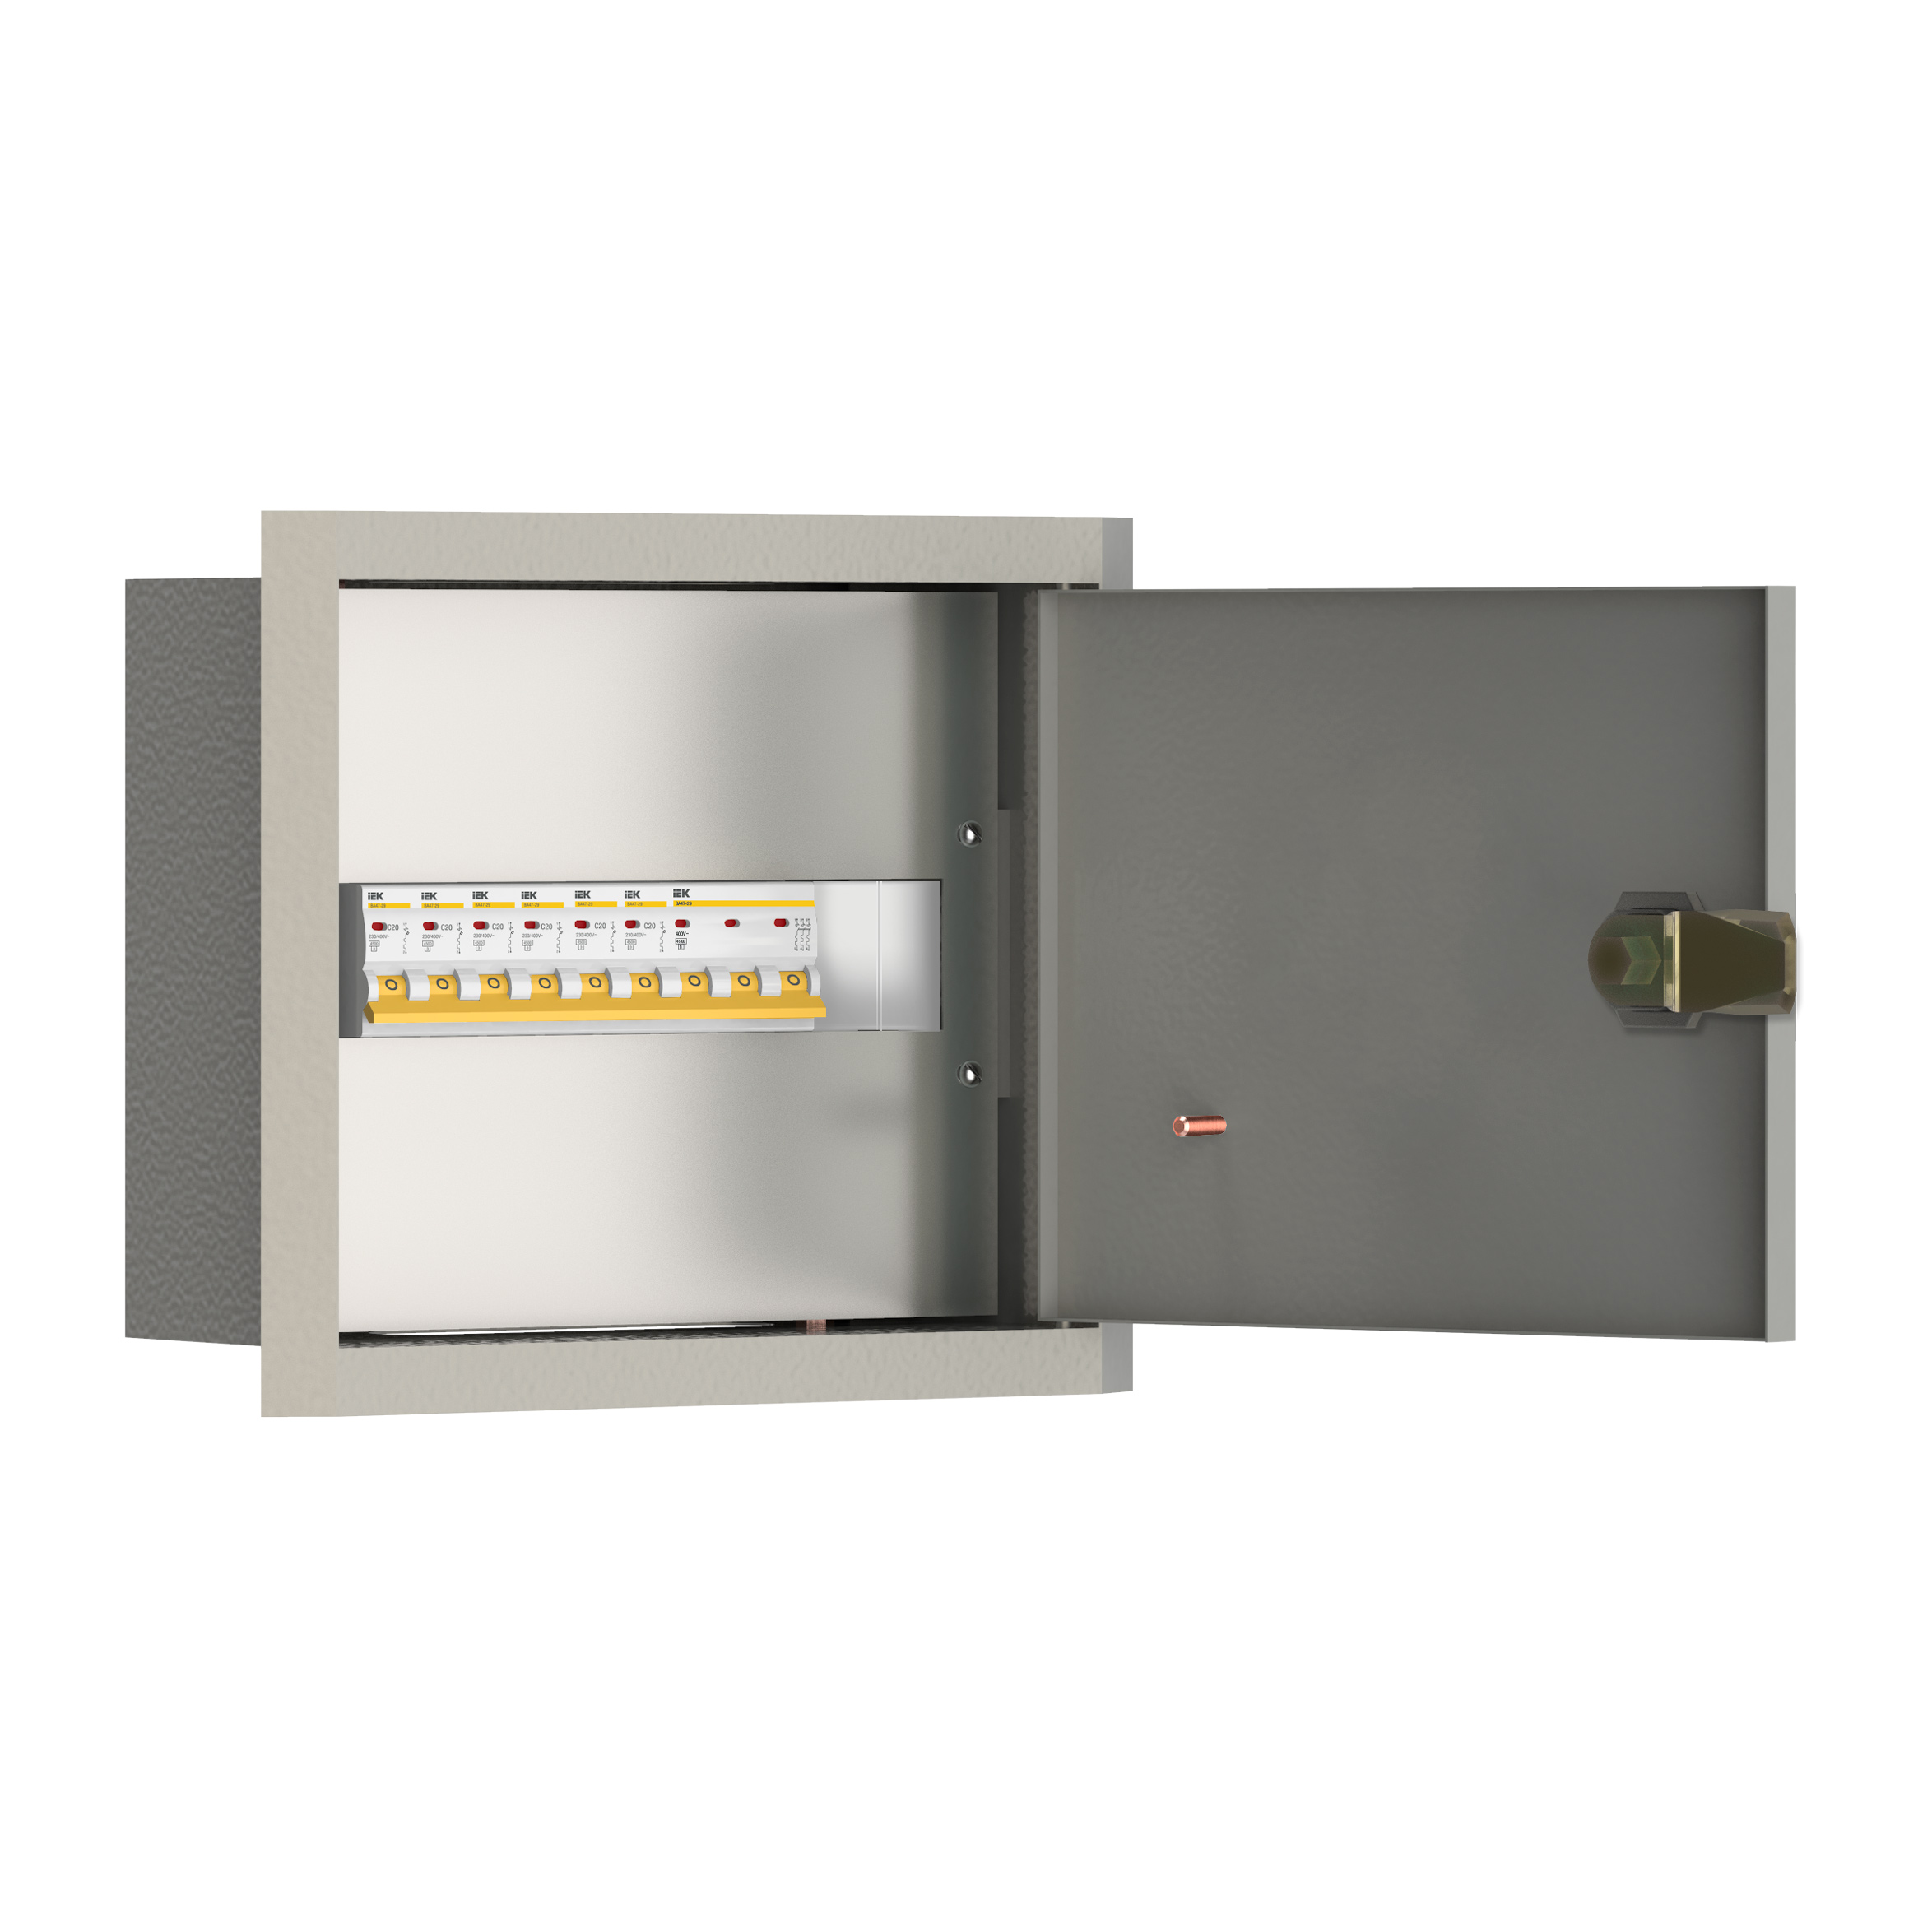 Щиток осветительный УОЩВ утопленный с автоматическими выключателями 3p 1х63А 1p 12х25А IEK